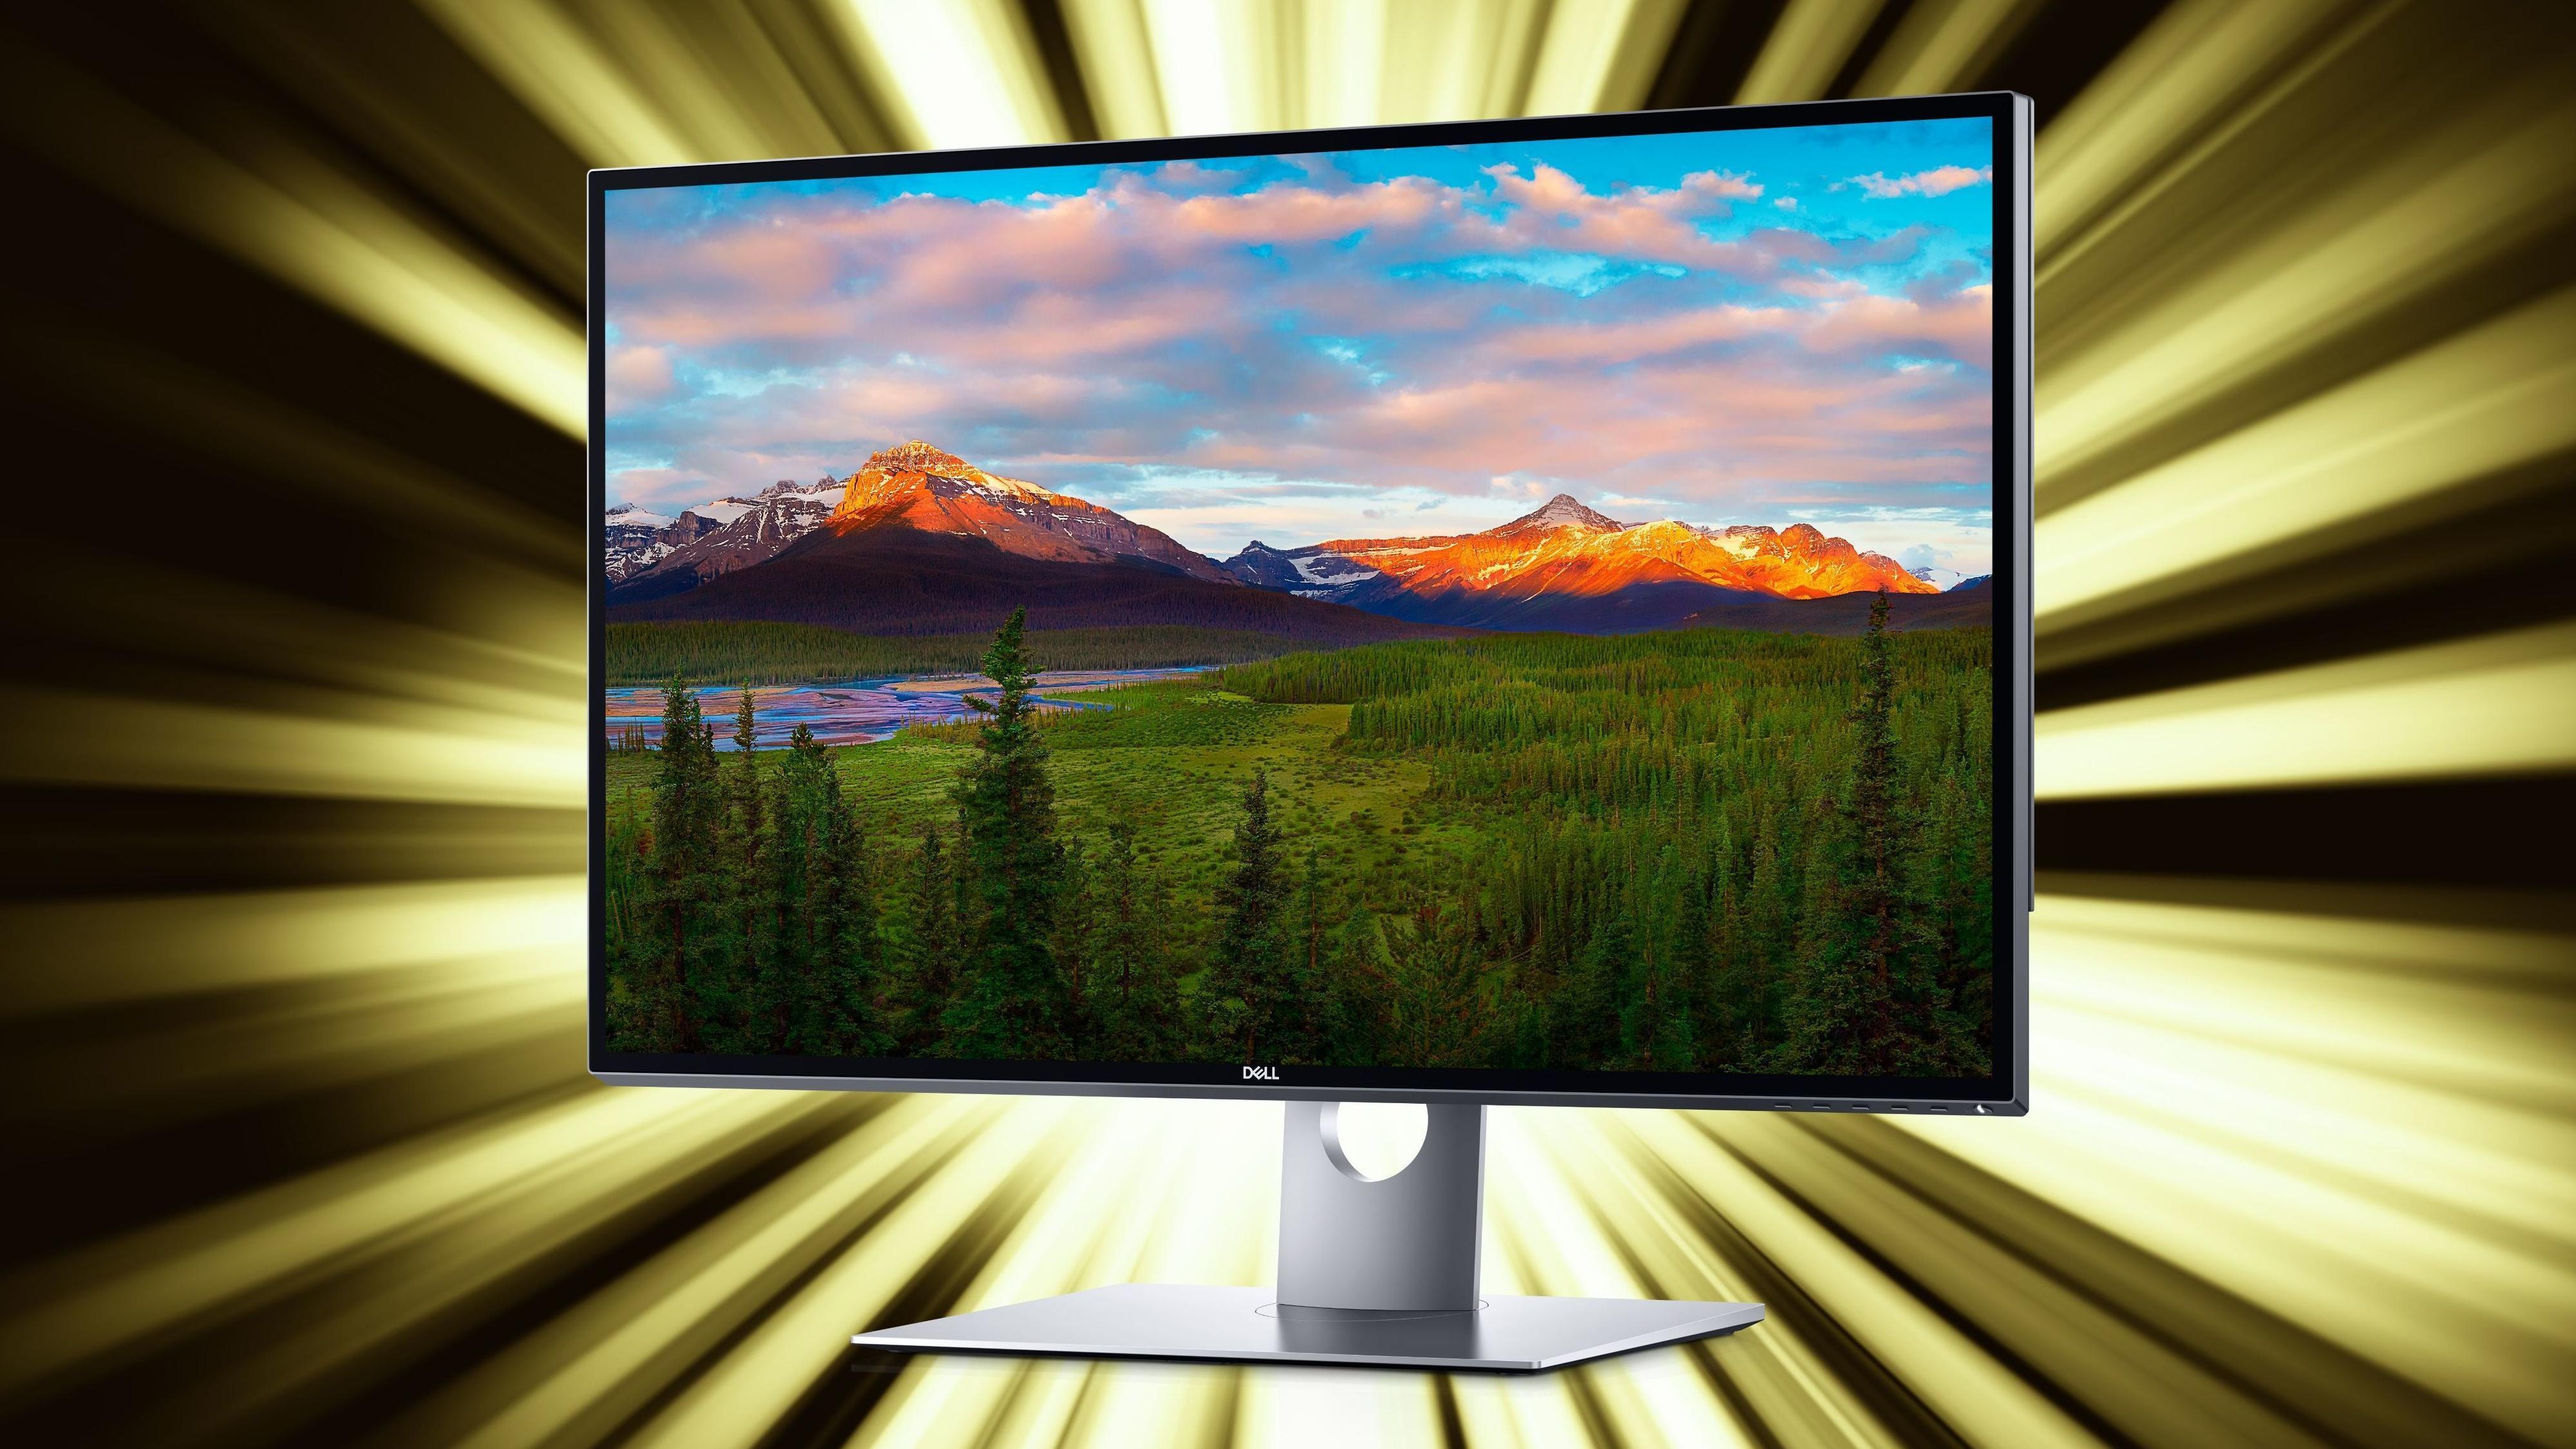 Dells nye skjermbeist kan vise over en milliard farger